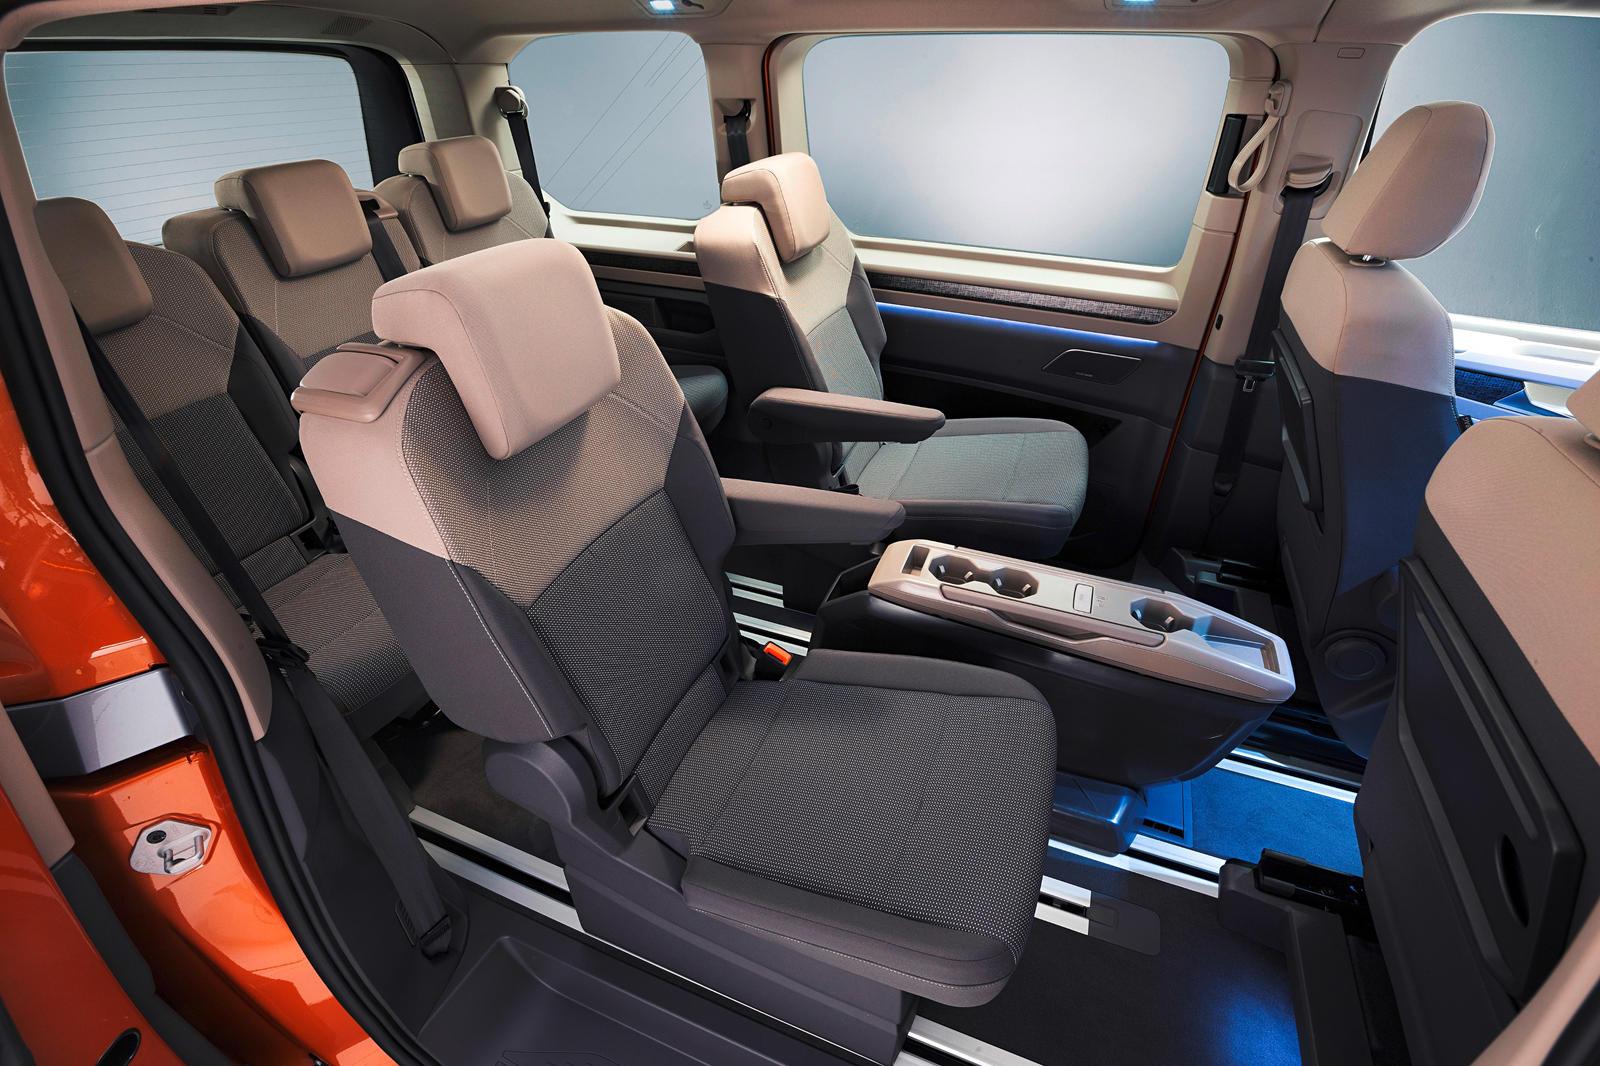 Дизайн Multivan восходит к 1985 Transporter T3 с решеткой во всю ширину и фарами, которые придают автомобилю более современный вид. Эта новая модель ниже, длиннее и шире для улучшения аэродинамики с меньшими передними воздухозаборниками, чтобы отдать